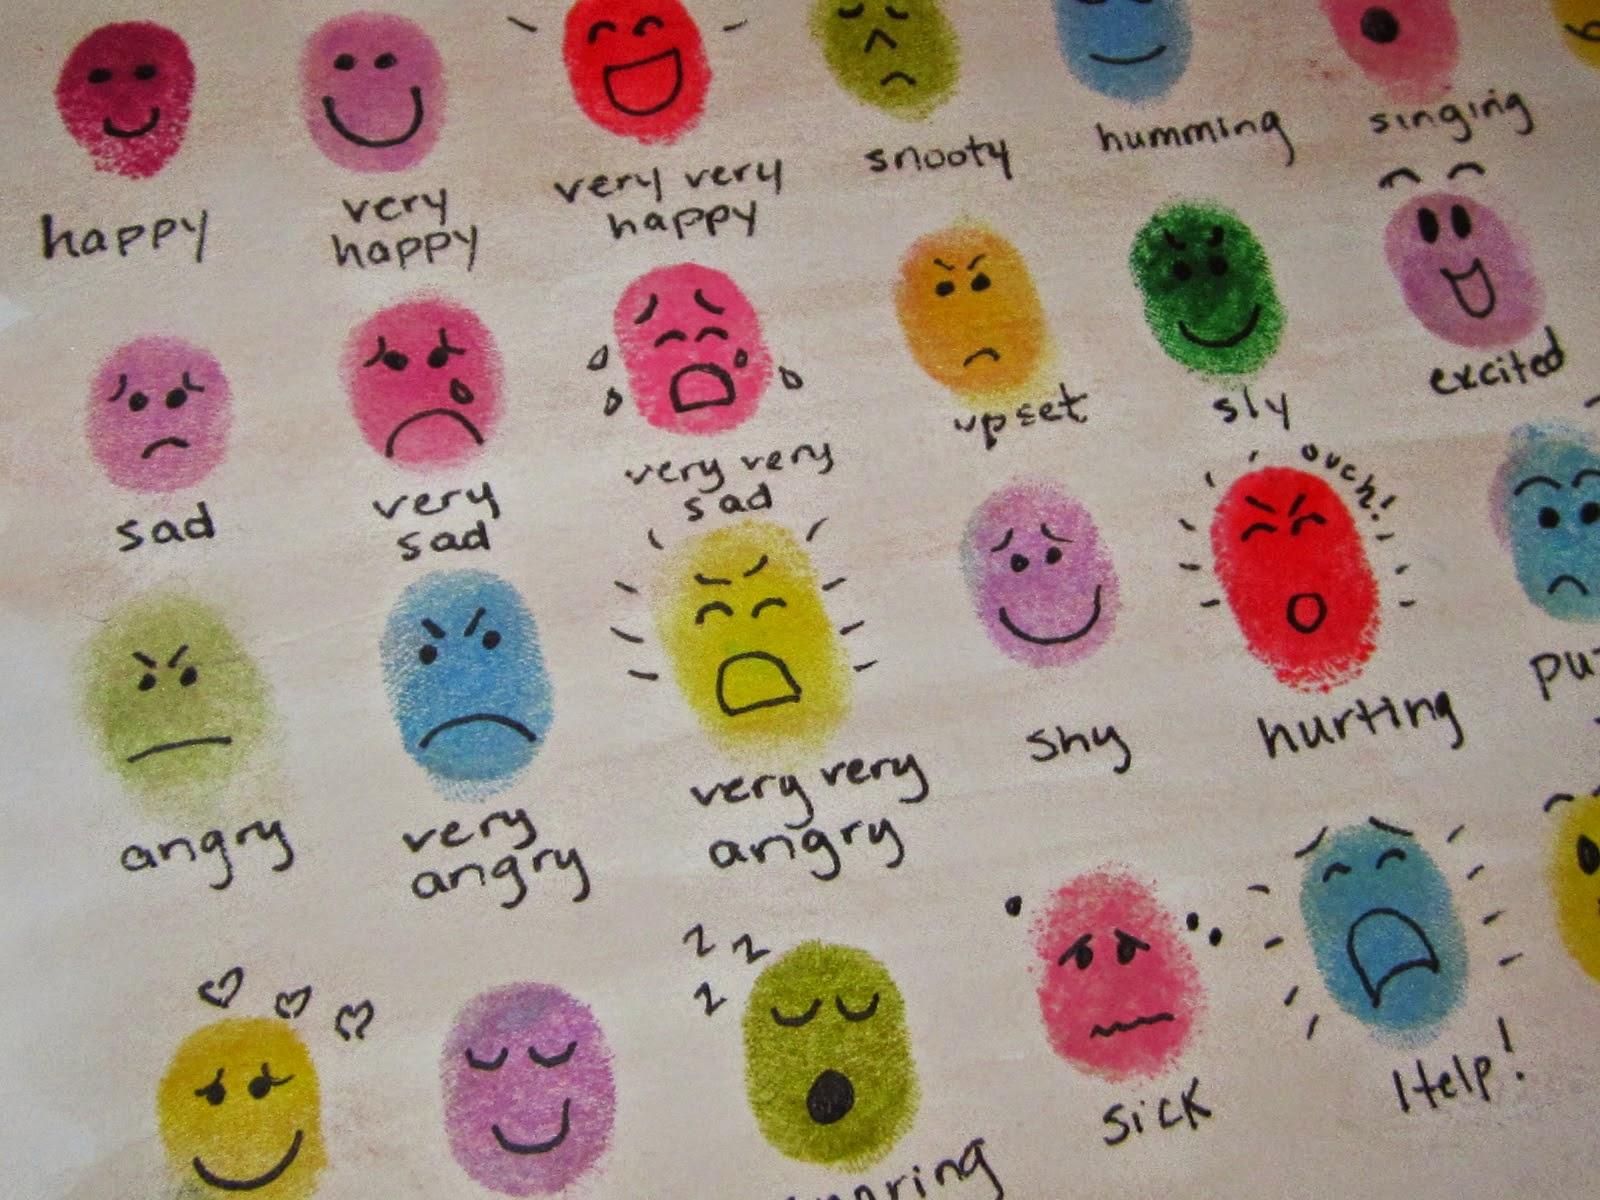 Zabawy Wspomagaj Ce Rozpoznawanie Emocji